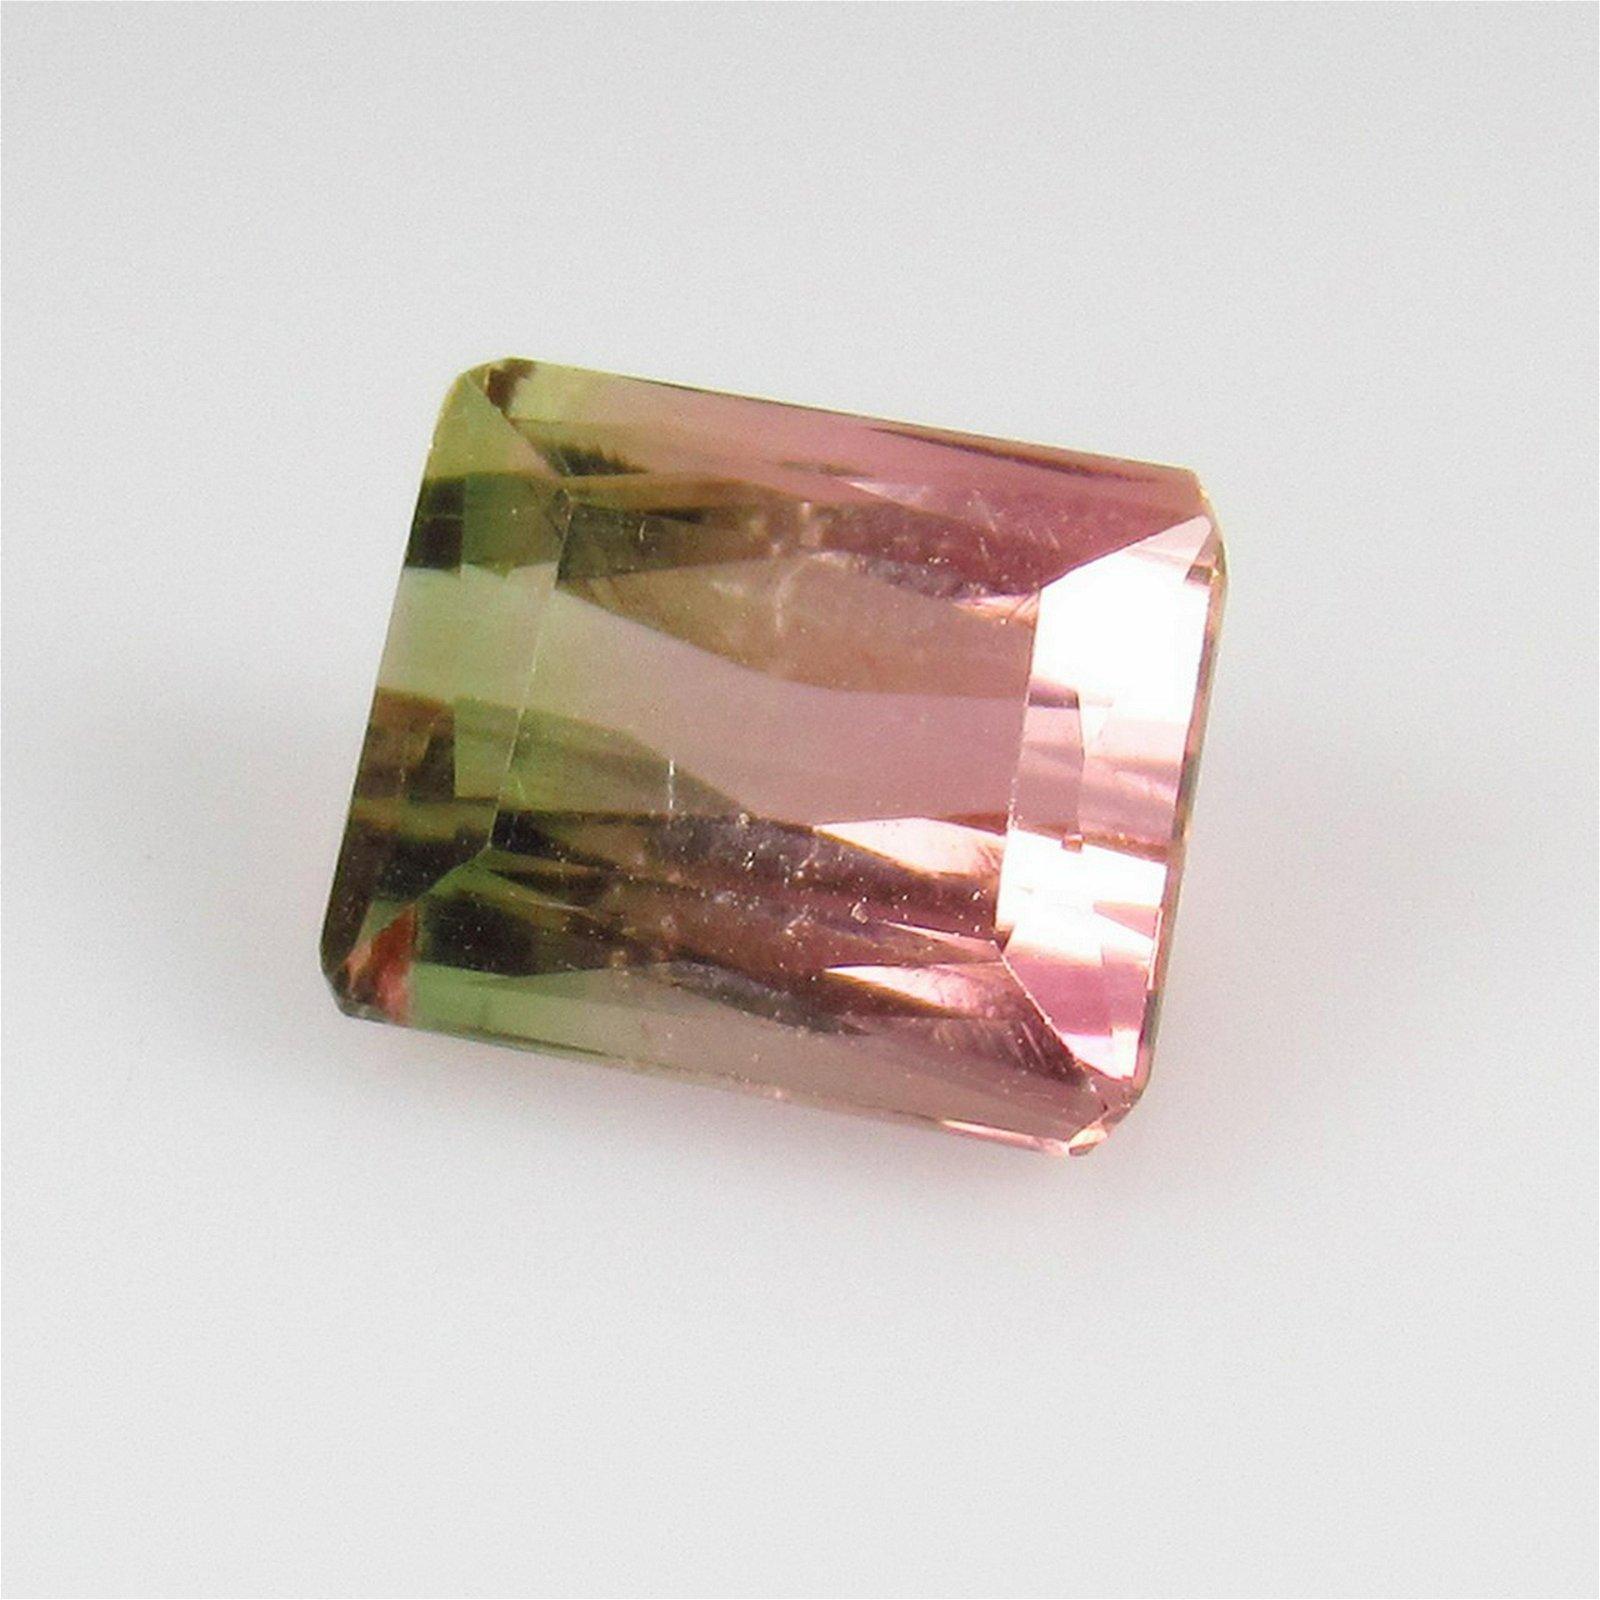 2.49 Ctw Natural Bi-Color Tourmaline Octagon Cut